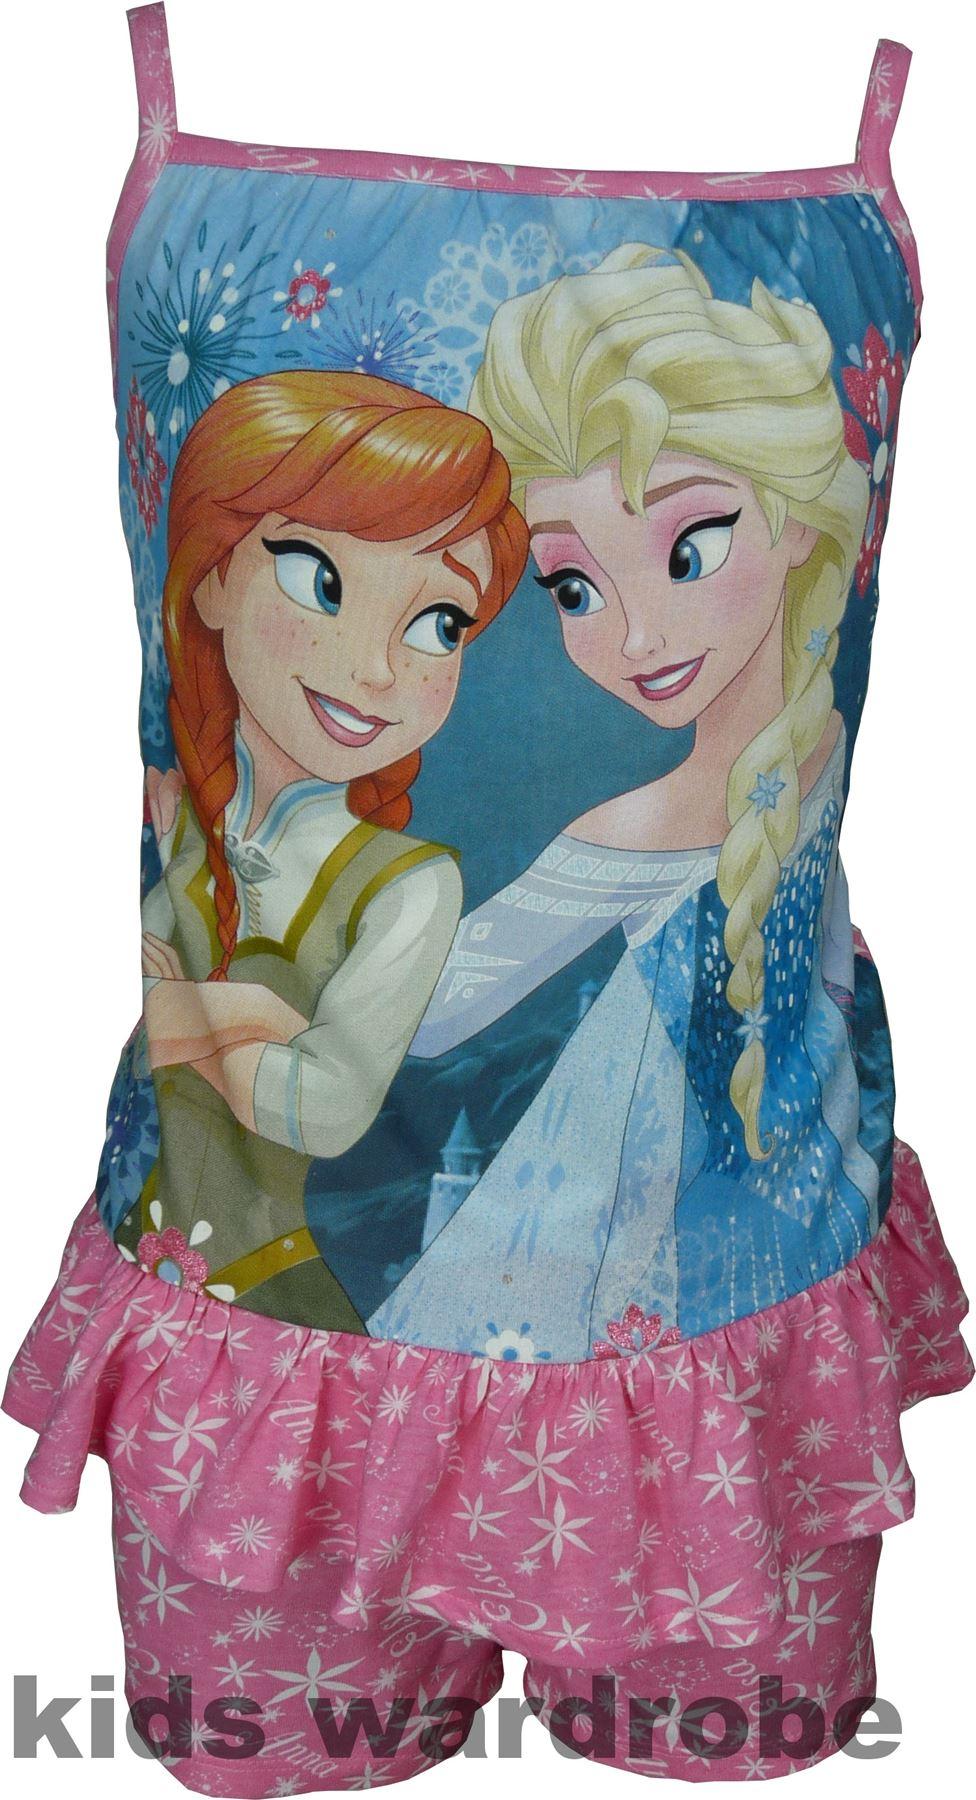 Filles-Disney-Frozen-Anna-amp-Elsa-Sans-manches-Pyjama-Taille-4-8-ans